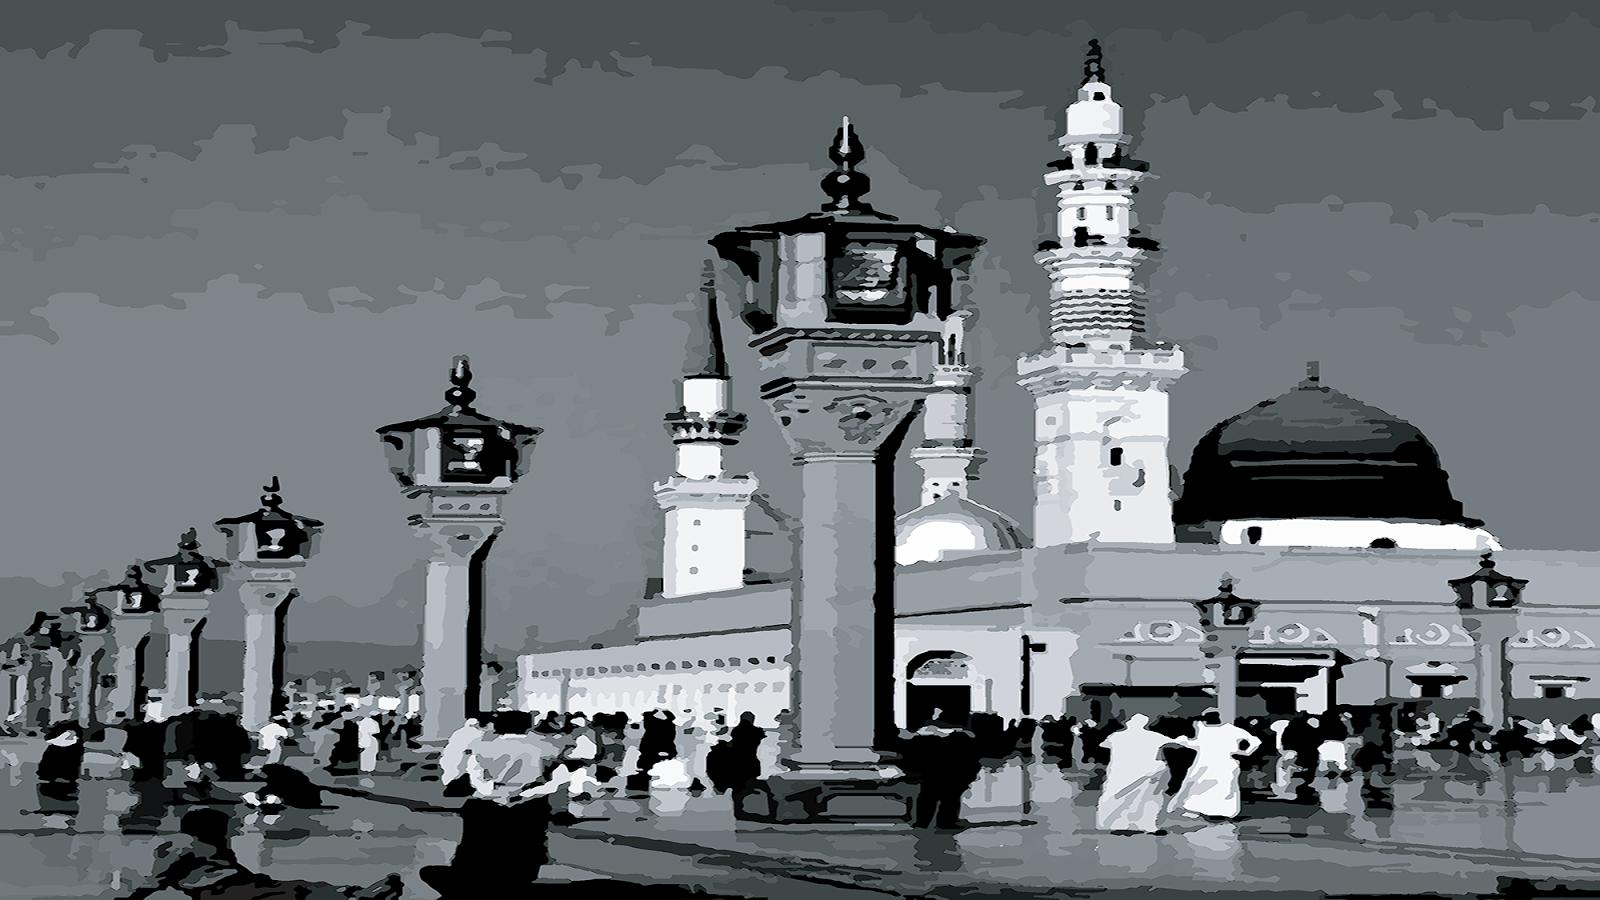 মসজিদে নববি ছিল মহানবি ﷺ এর মূল শিক্ষাদান কেন্দ্র।